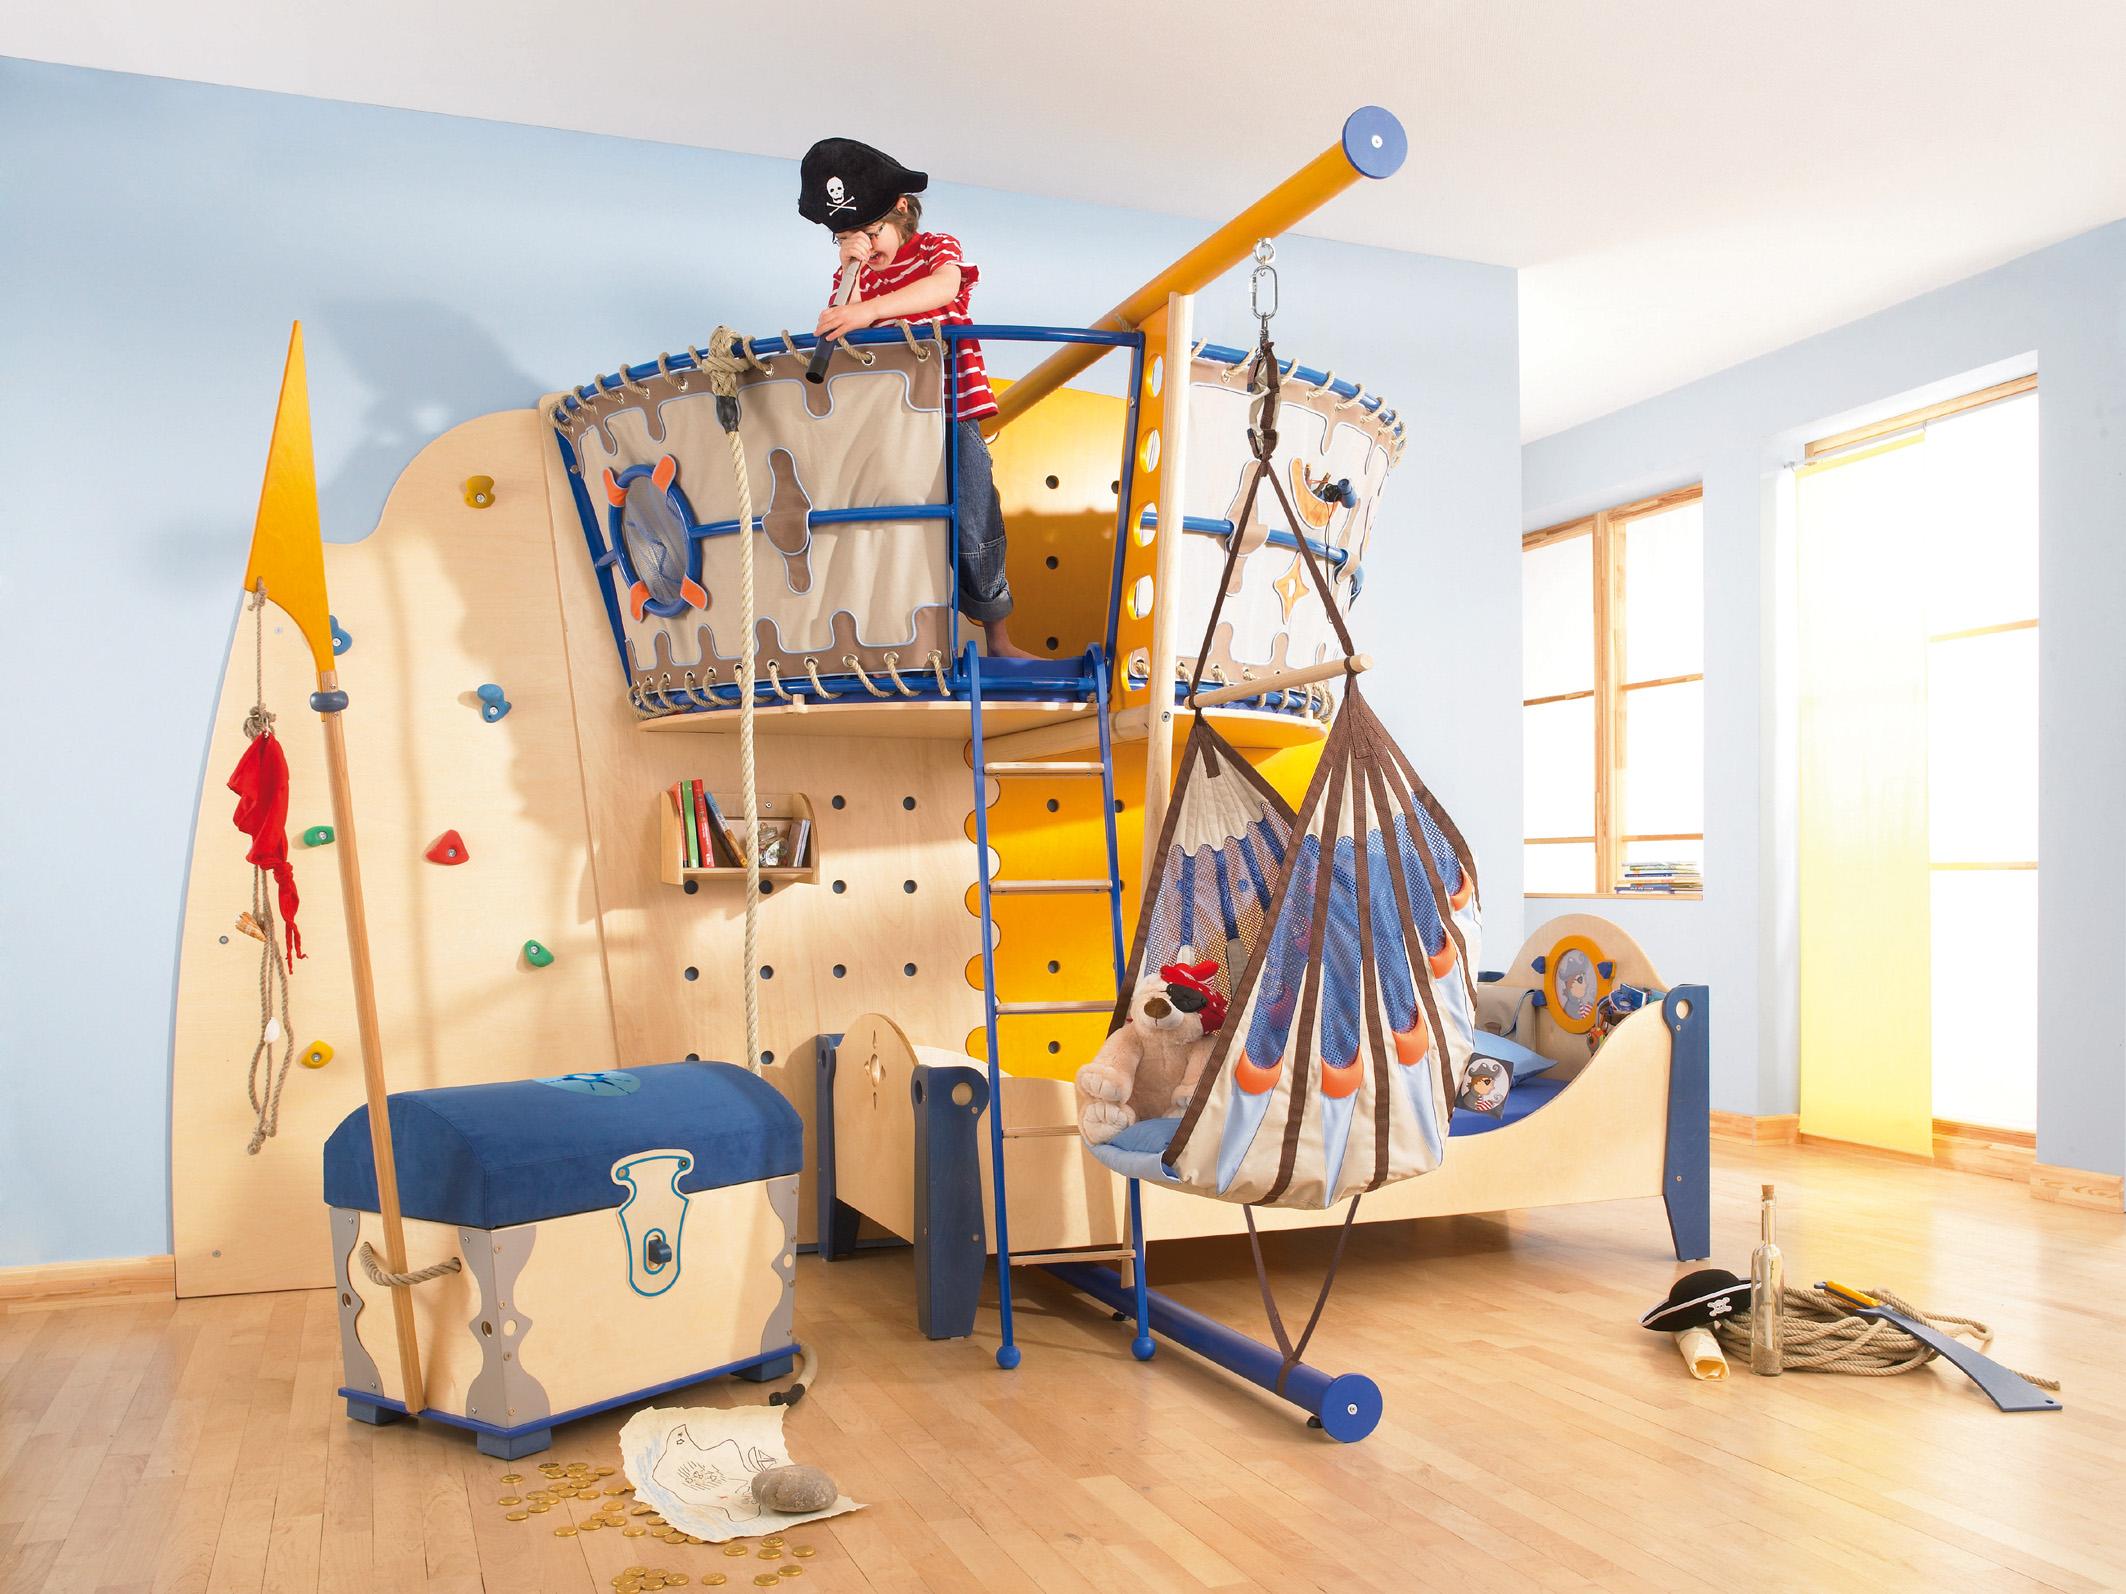 Детские кровати-корабли как нельзя лучше символизируют океан, волны и приключения